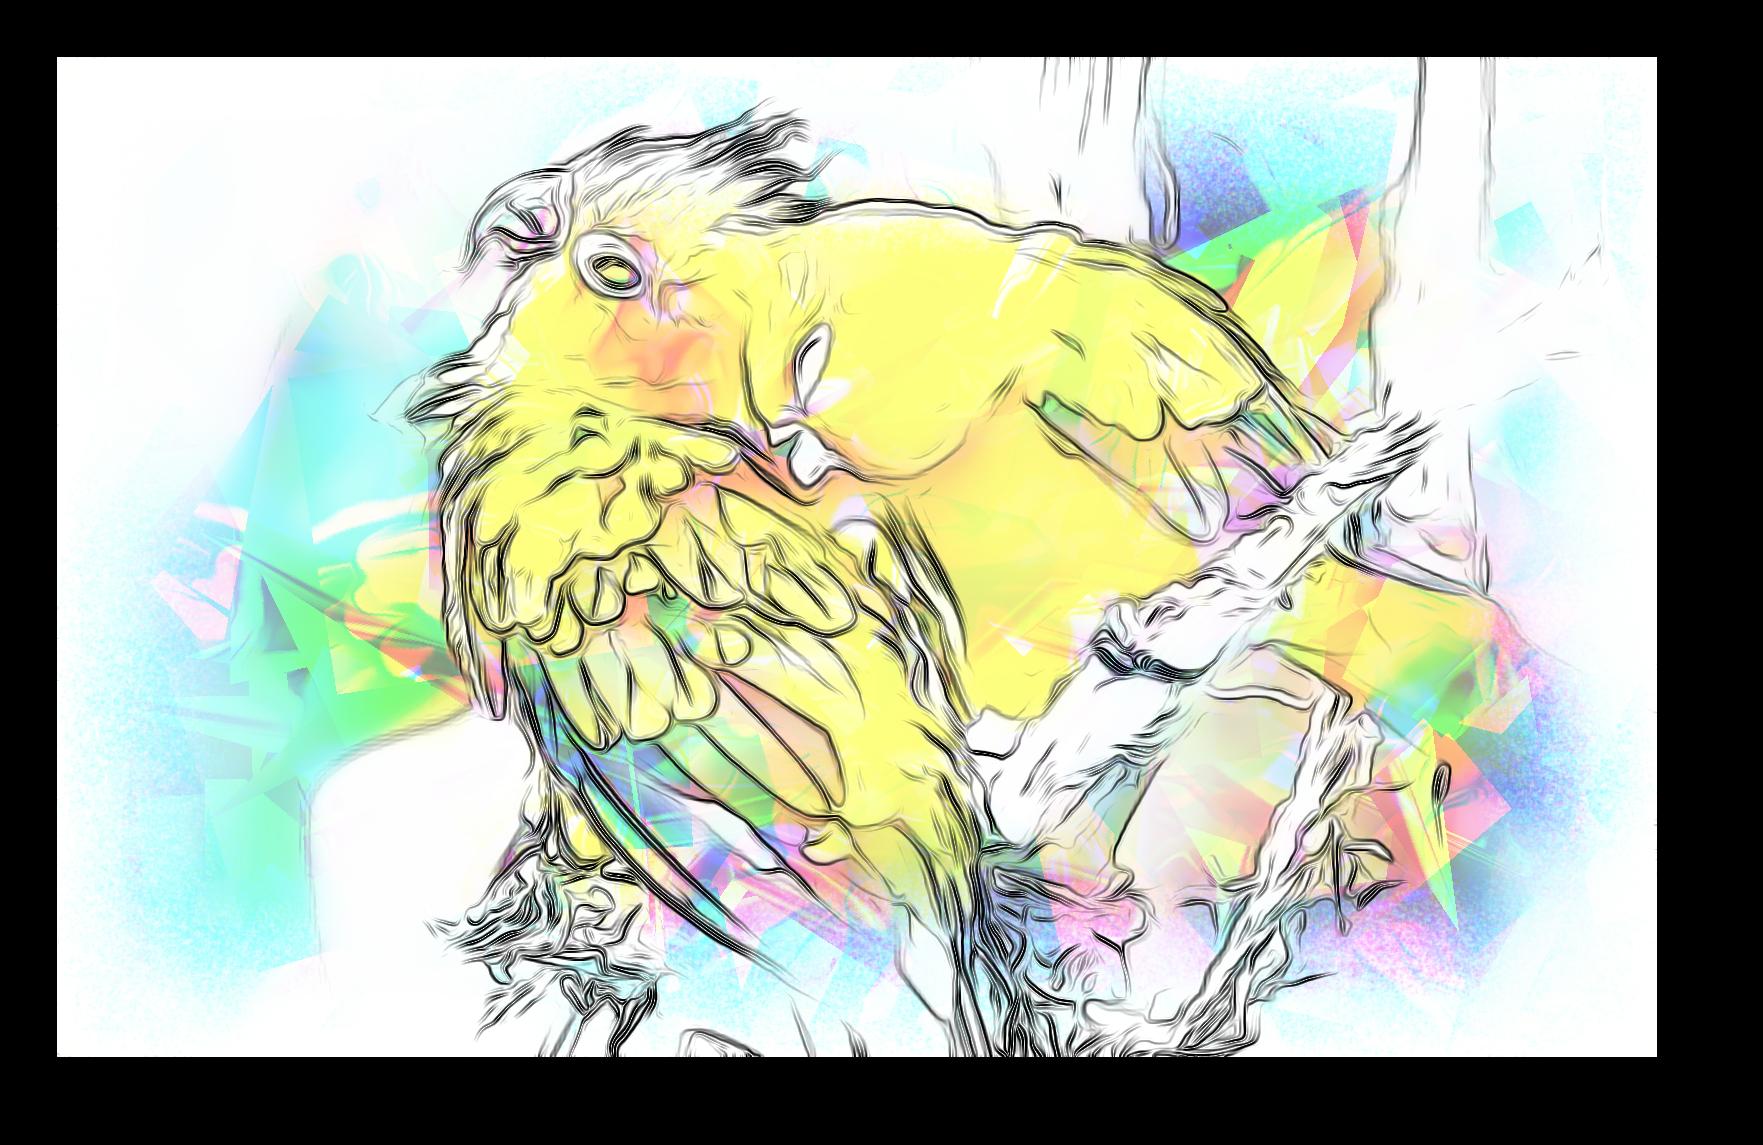 Il tempo della passera, pittura digitale di Francesco Galgani, 19 ottobre 2020